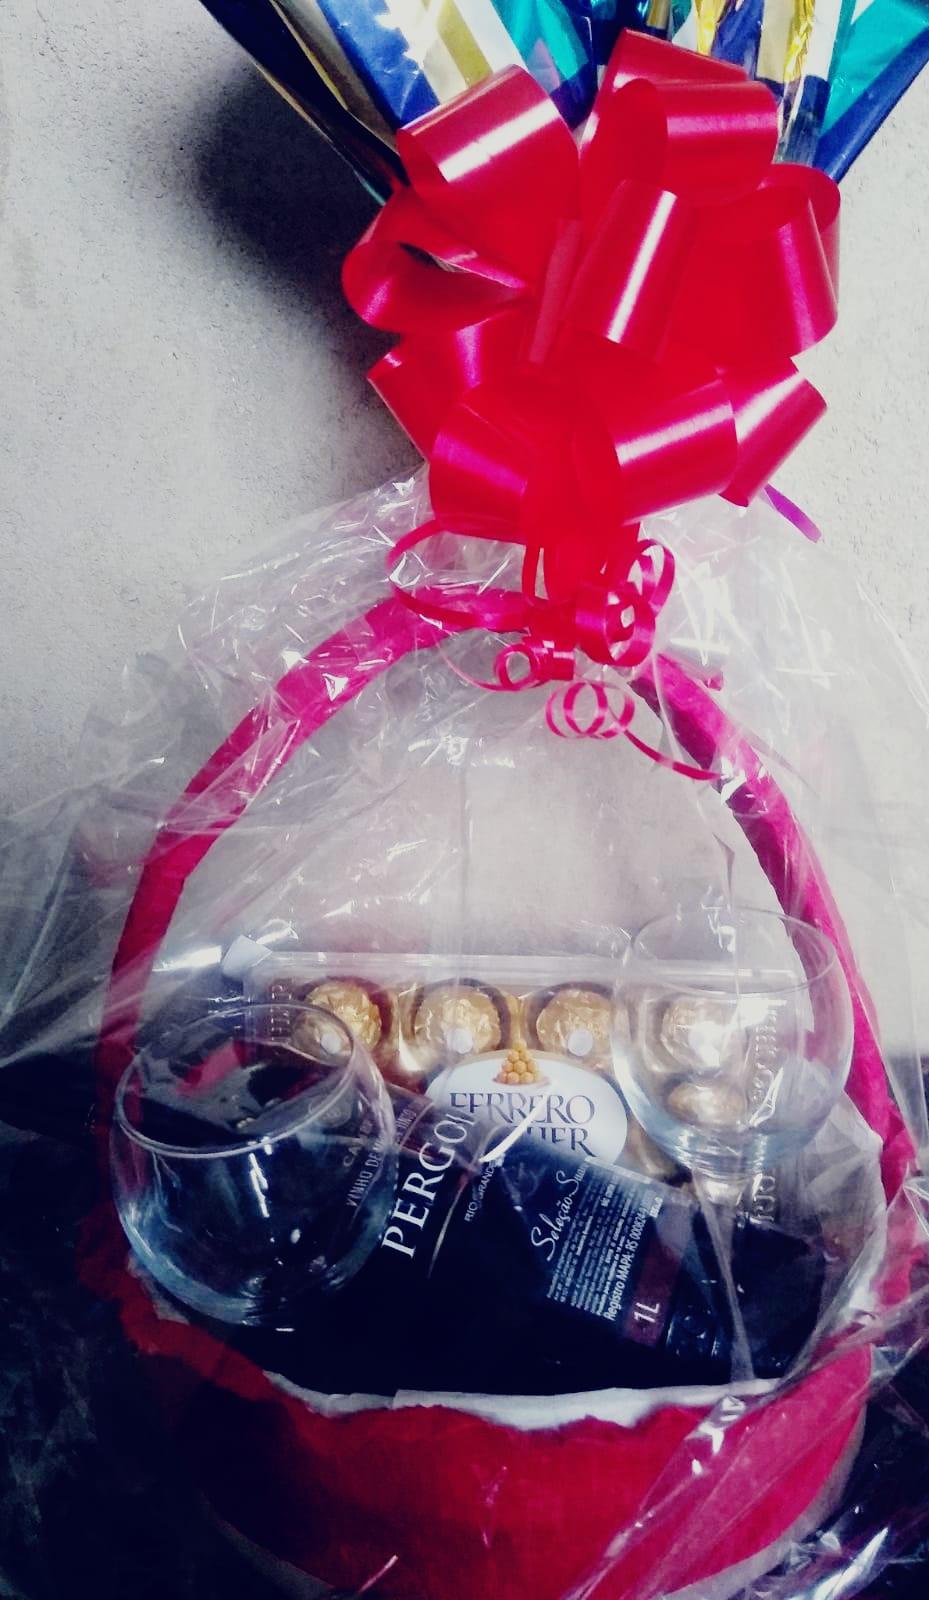 Ferrero Rocher e vinho R$165